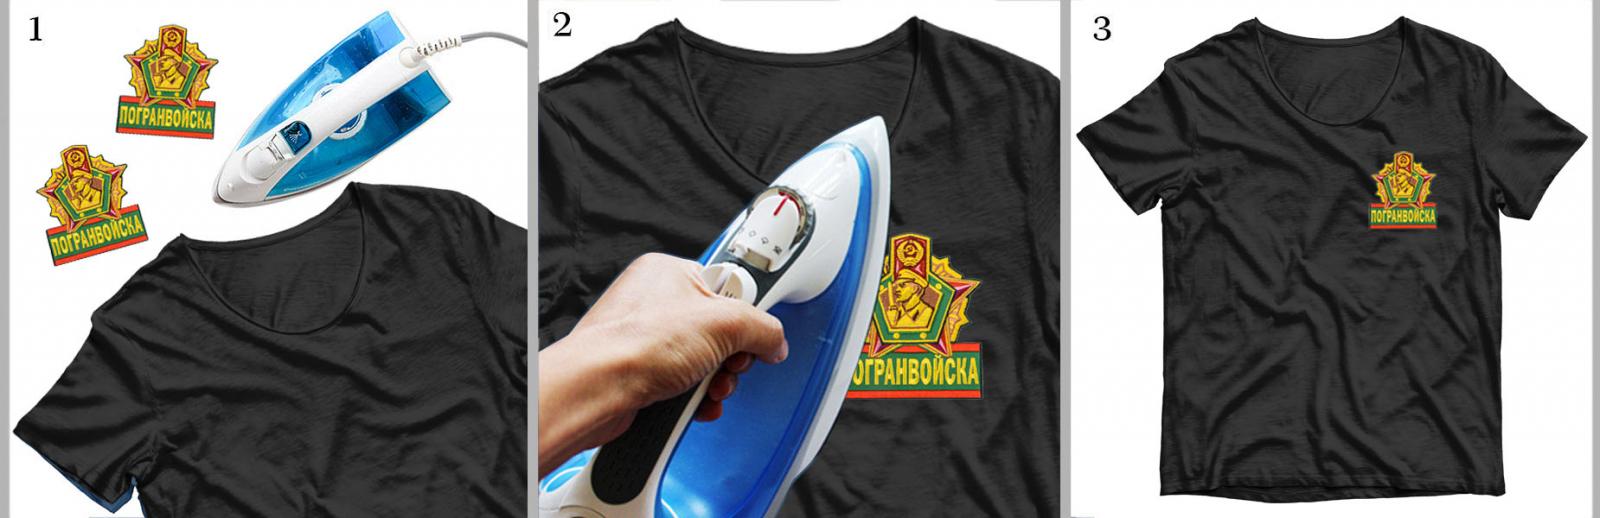 Термоклеевая нашивка пограничника на футболке